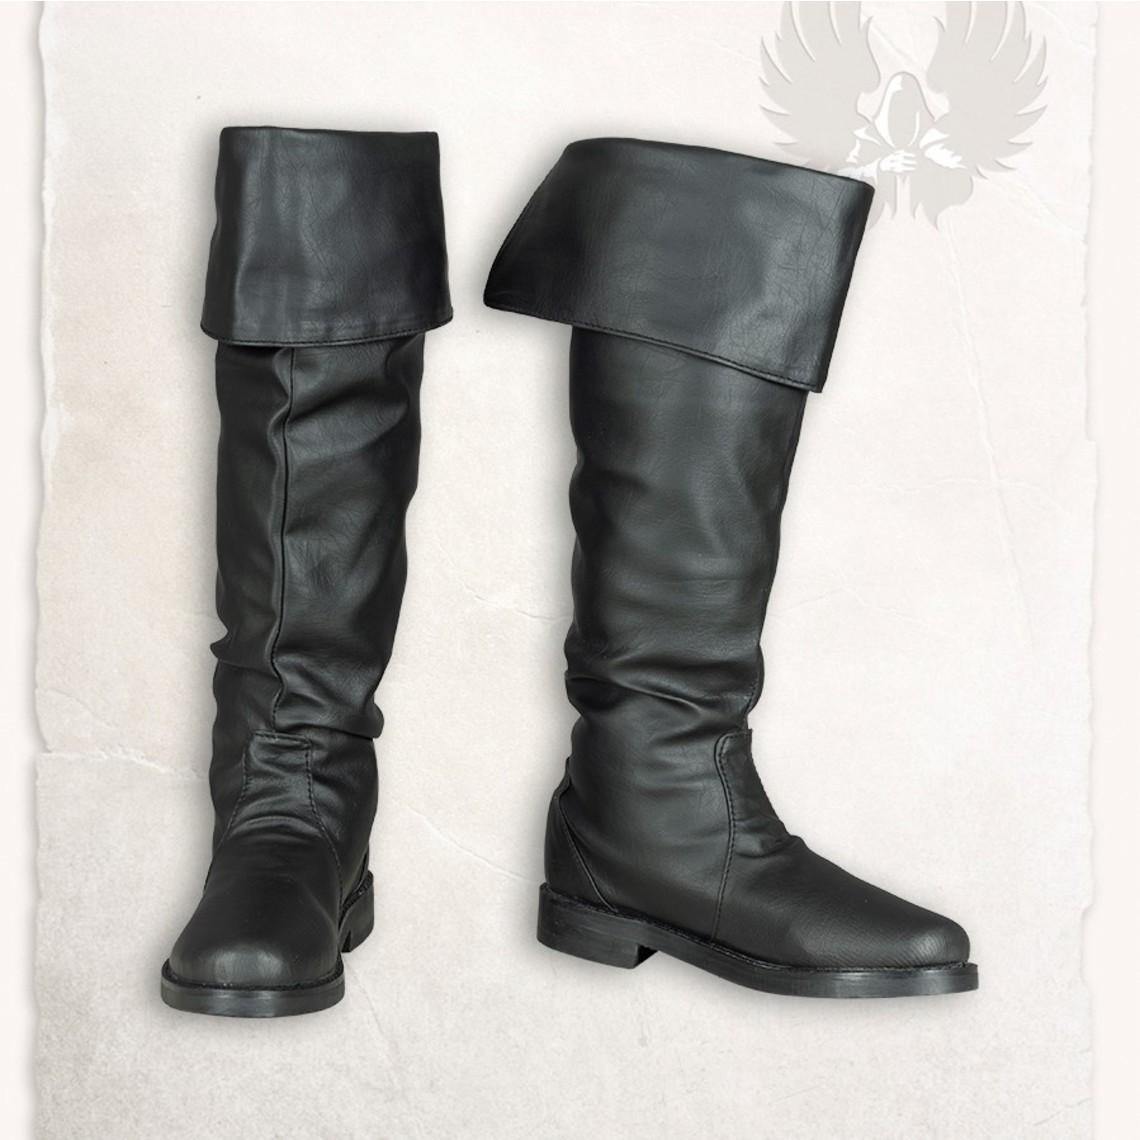 Mytholon Piraten-Stiefel schwarz Prescott